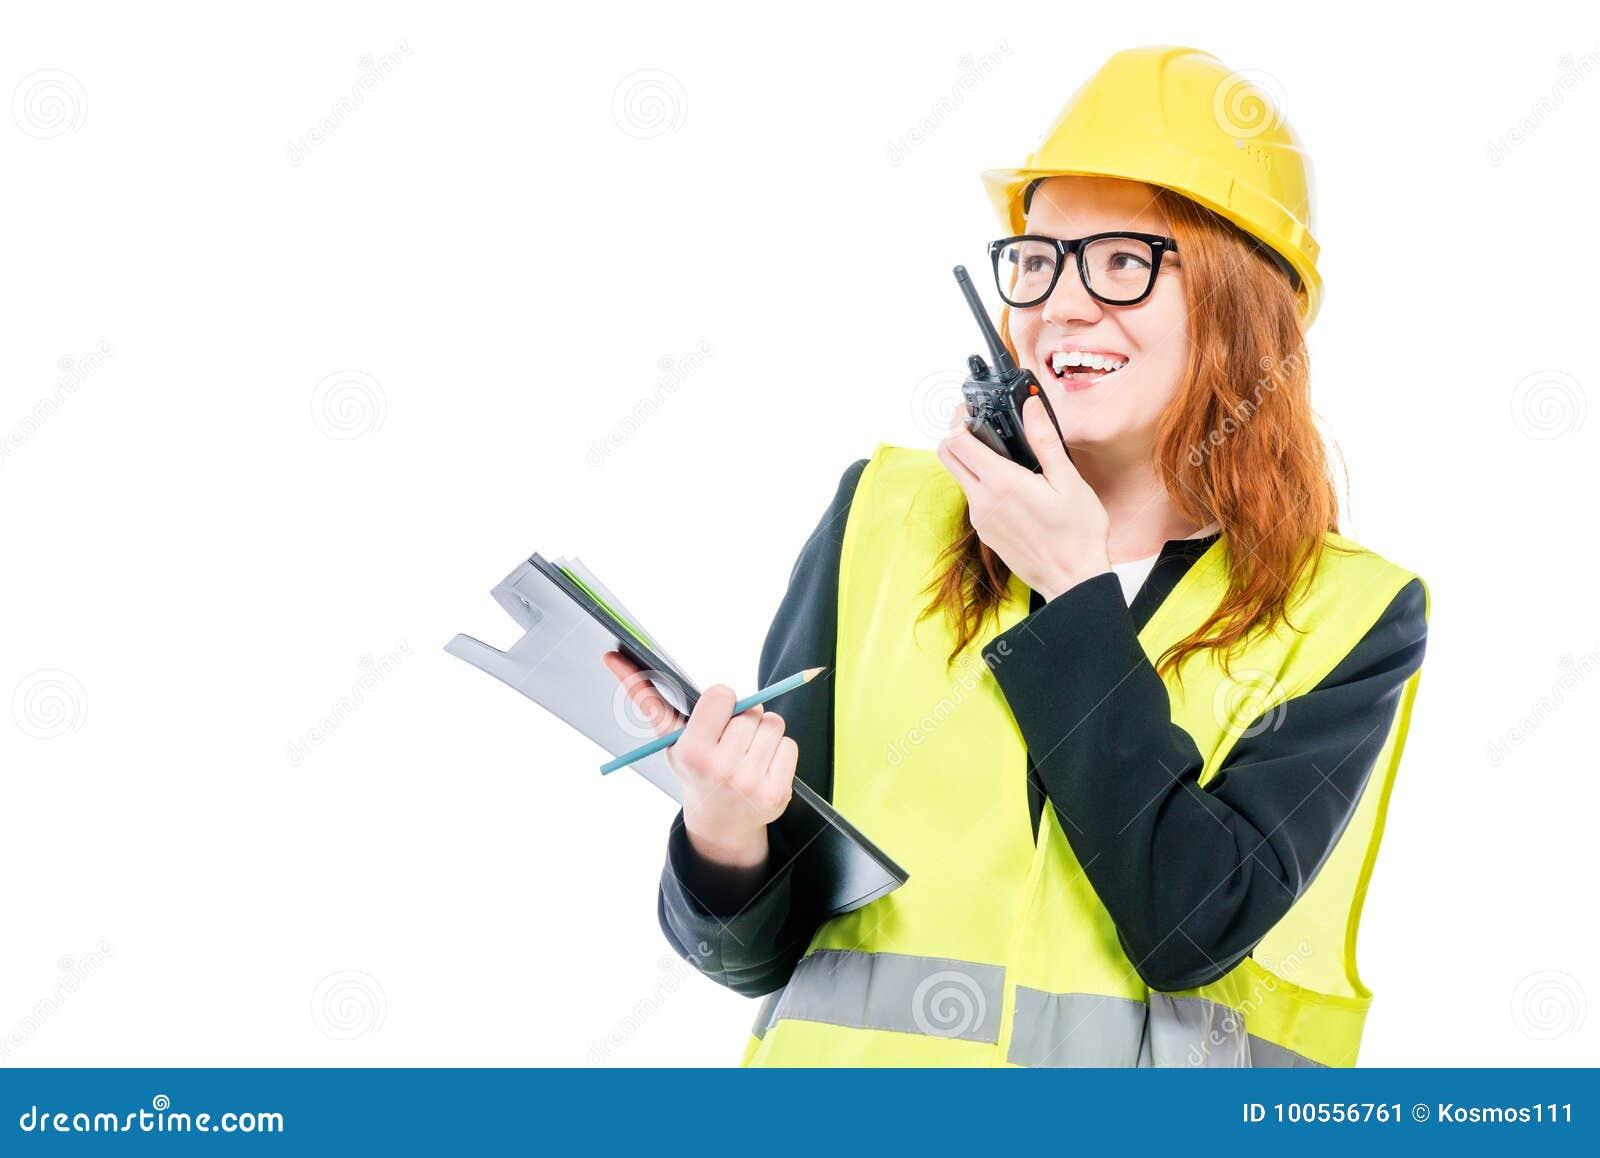 Επαγγελματικός επιστάτης κοριτσιών με walkie-talkie στο λευκό